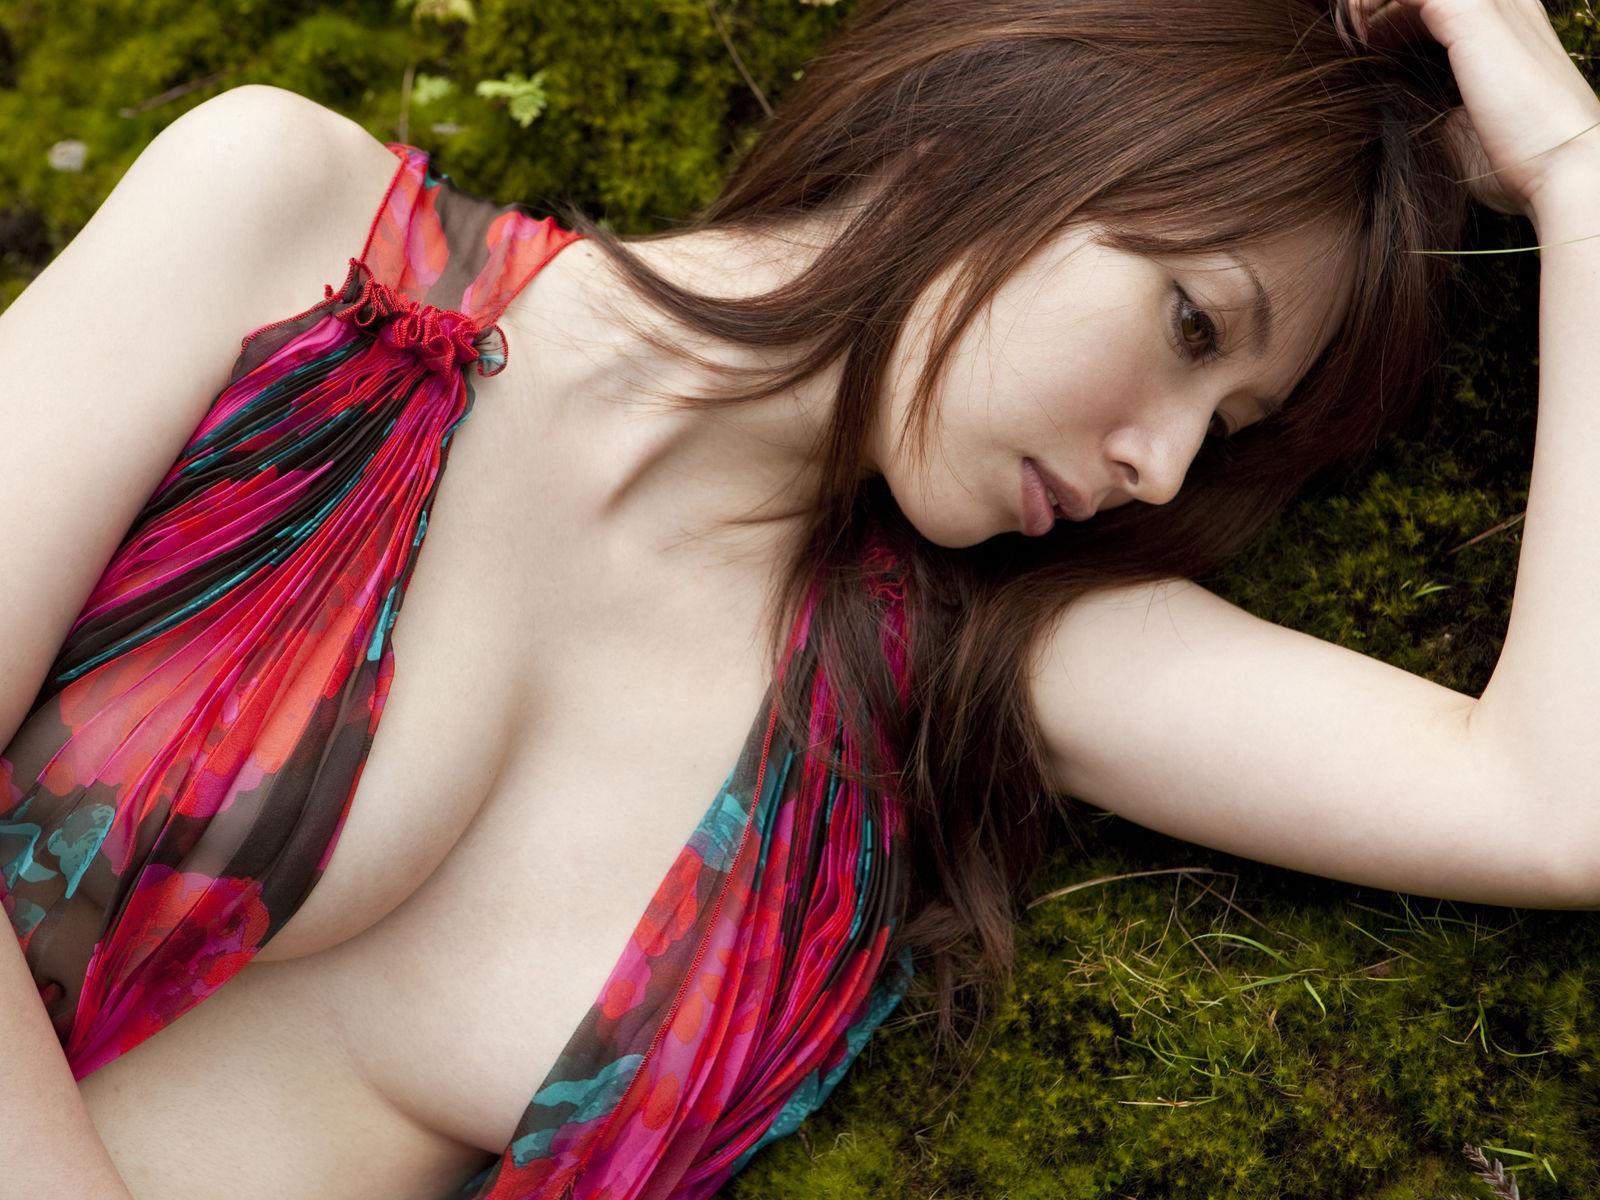 小林恵美 セミヌード画像 49